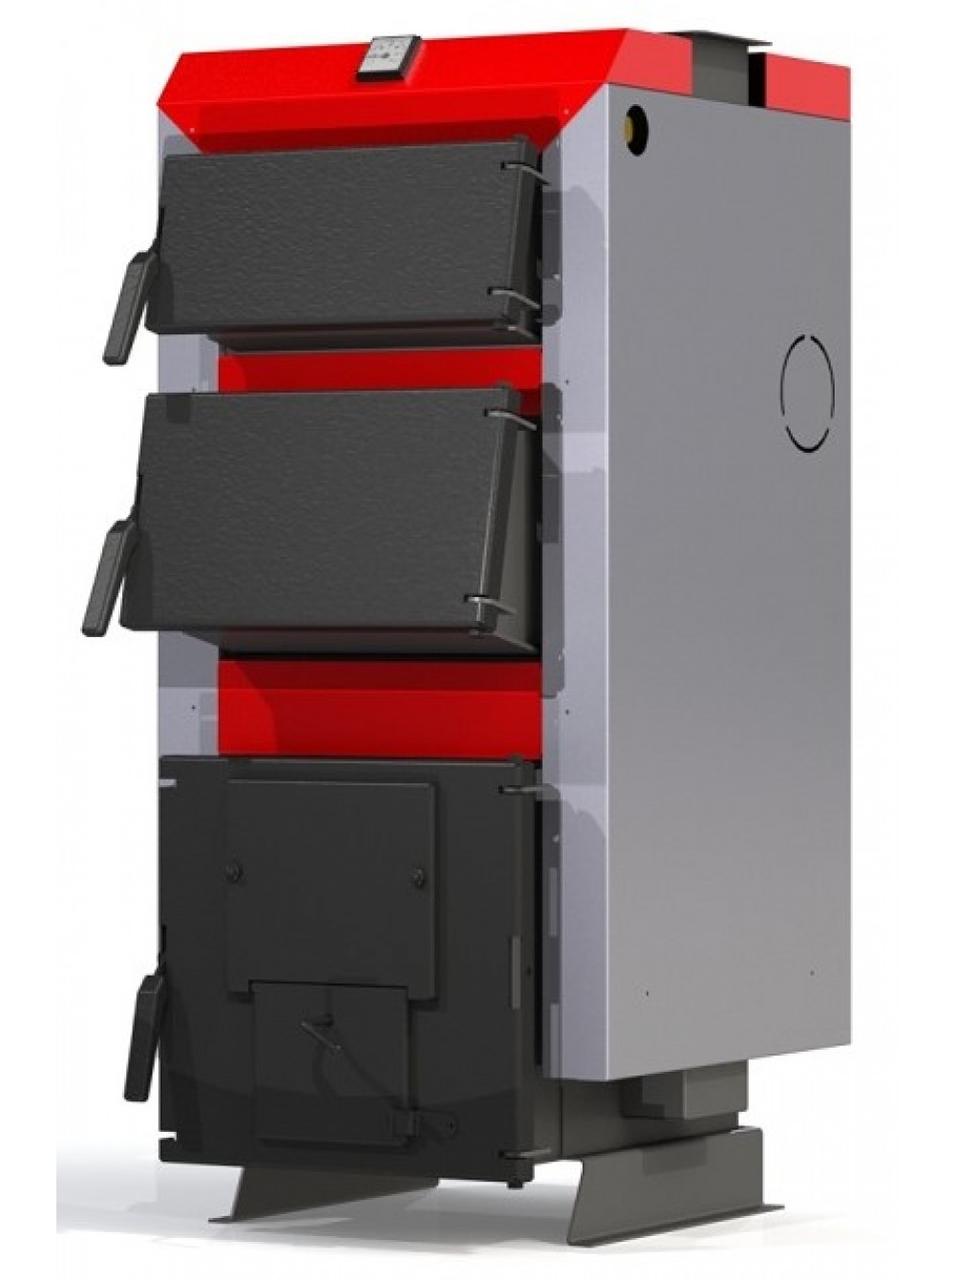 Твердотопливный котел ProTech ТТ-15 кВт ECO Line длительного горения на дровах, угле и брикетах